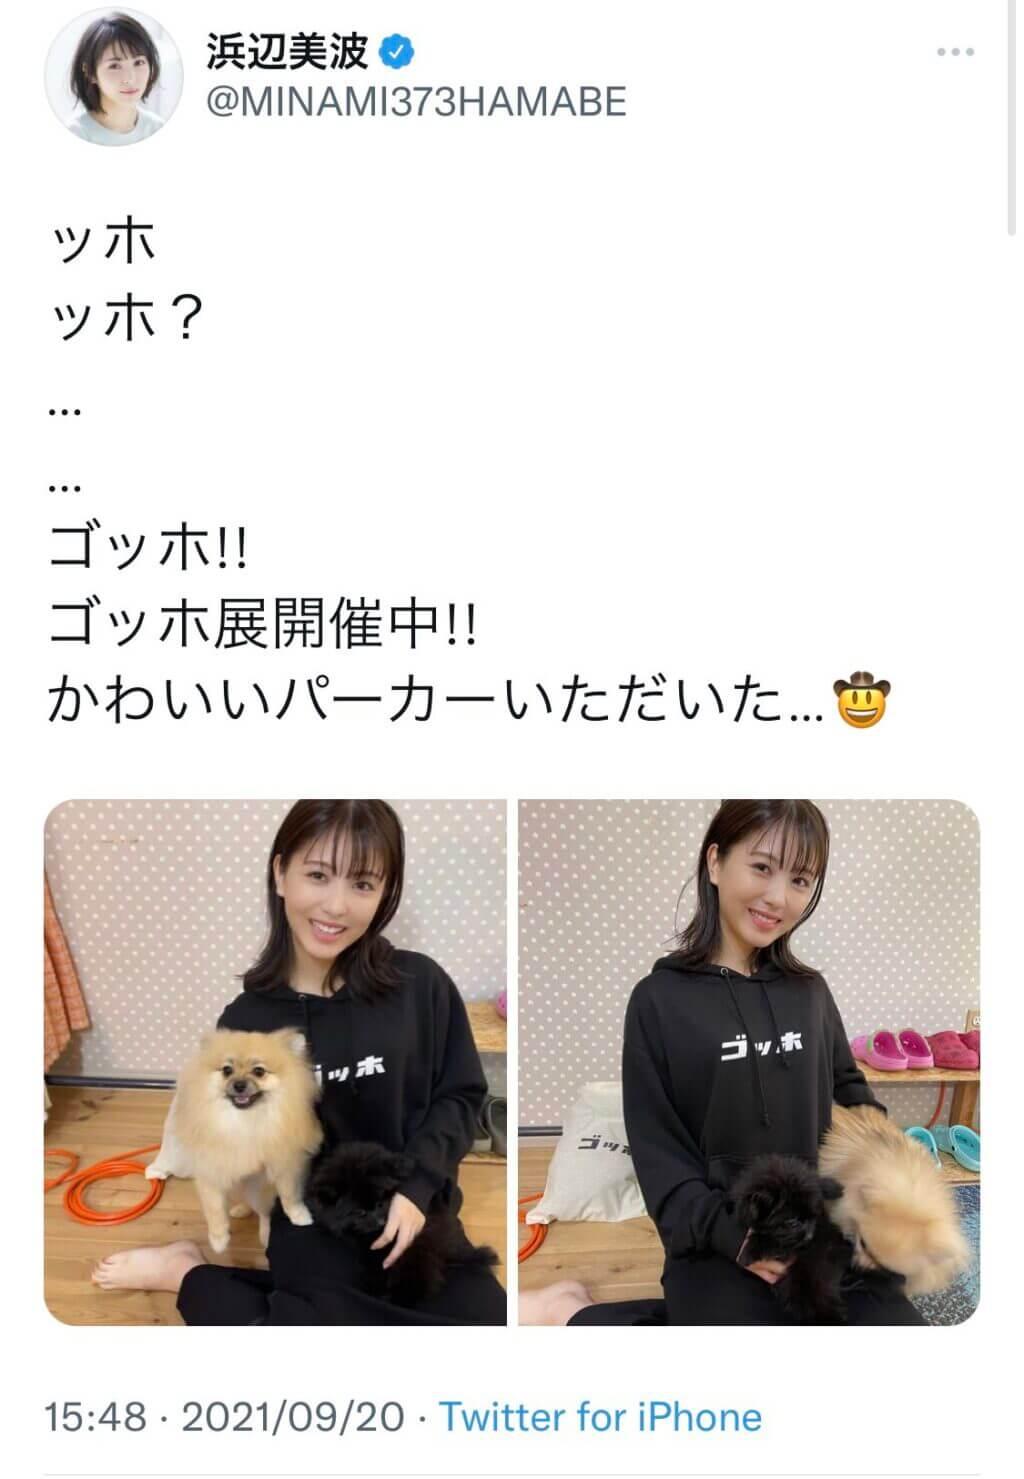 浜辺美波と彼氏・Ryugaの匂わせ疑惑!愛犬が一緒?